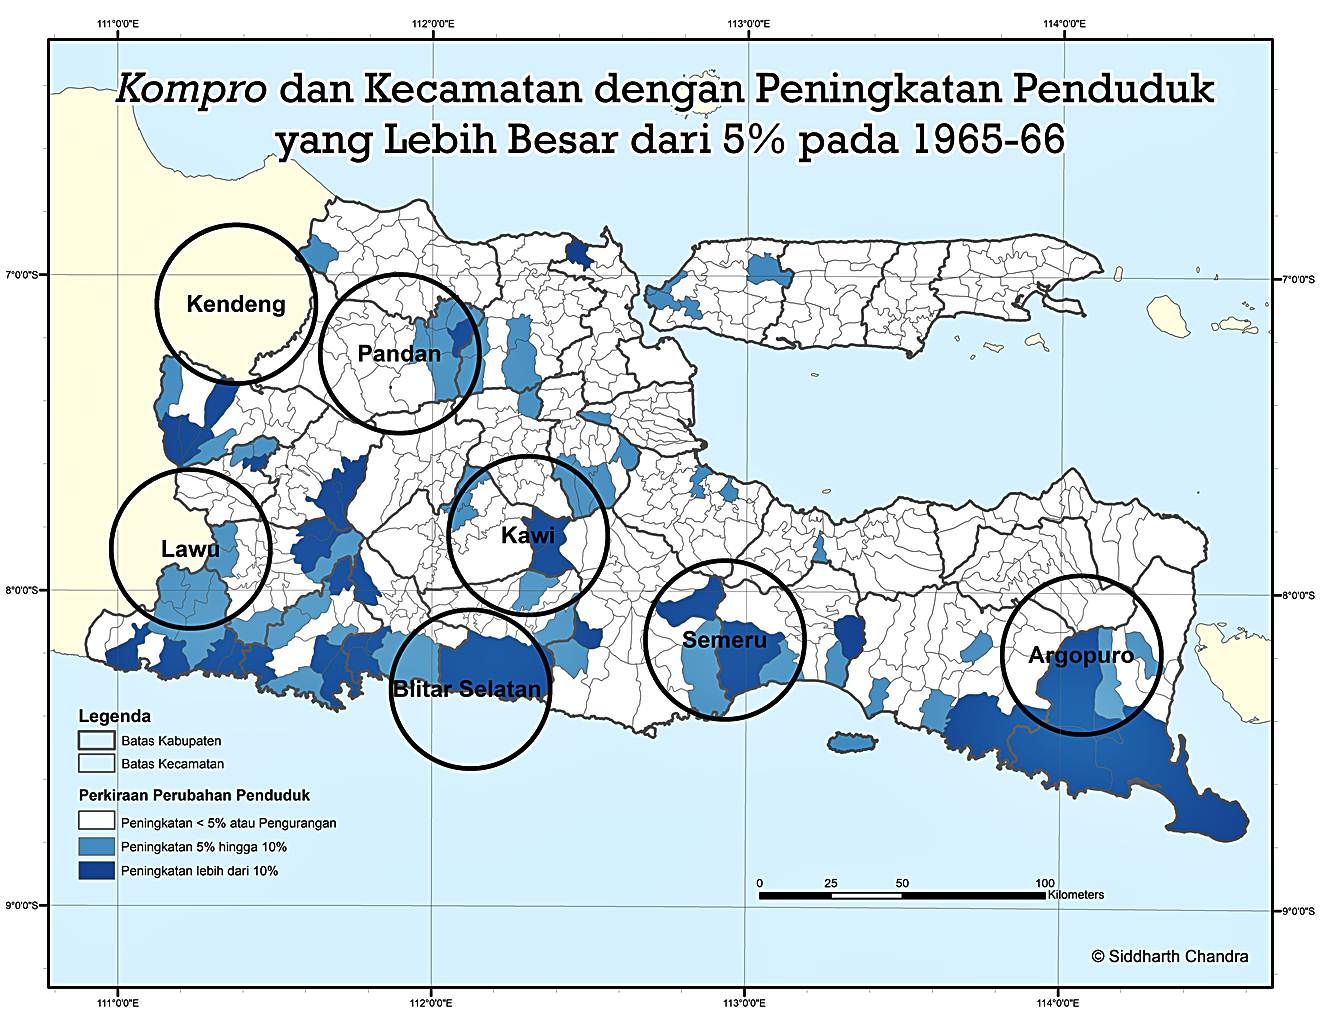 Sekilas Tentang Pembantaian Massal Indonesia Tahun 1965 Lewat Kacamata Sensus Migrasi Dan Pengungsi Di Jawa Timur Tribunal 1965